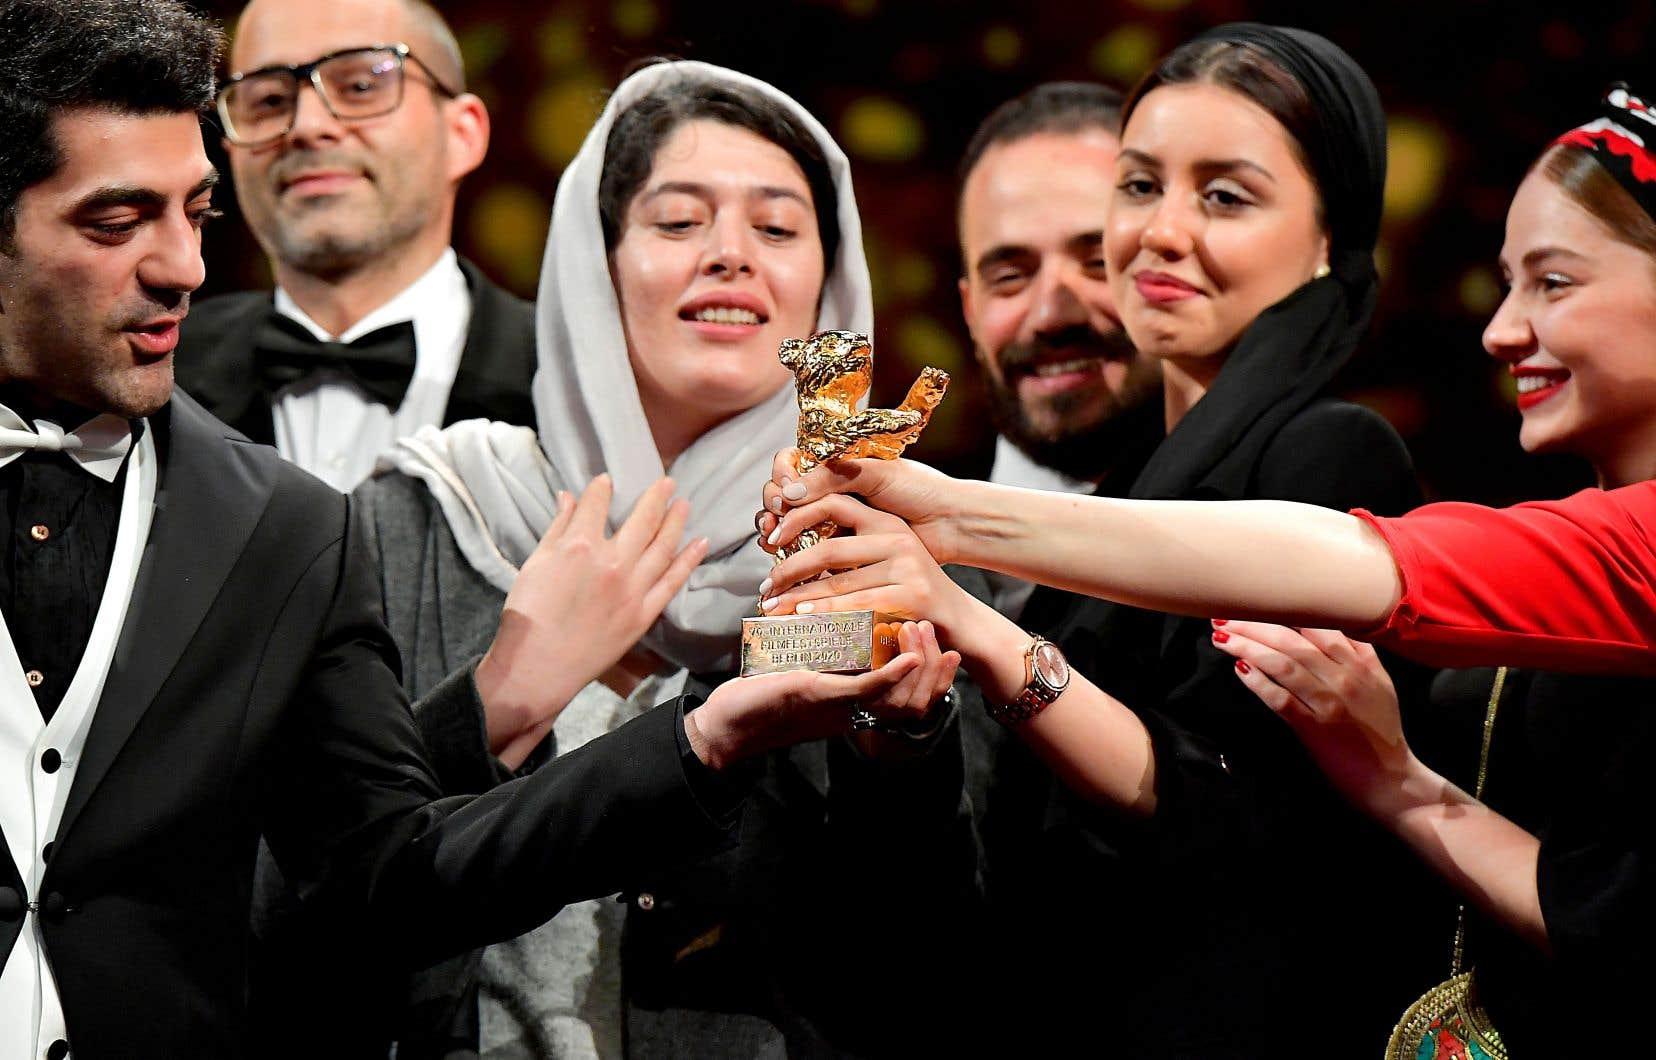 En l'absence du réalisateur, Mohammad Rasoulof, l'équipe du film «There Is No Evil» est montée sur scène pour recevoir l'Ours d'or.